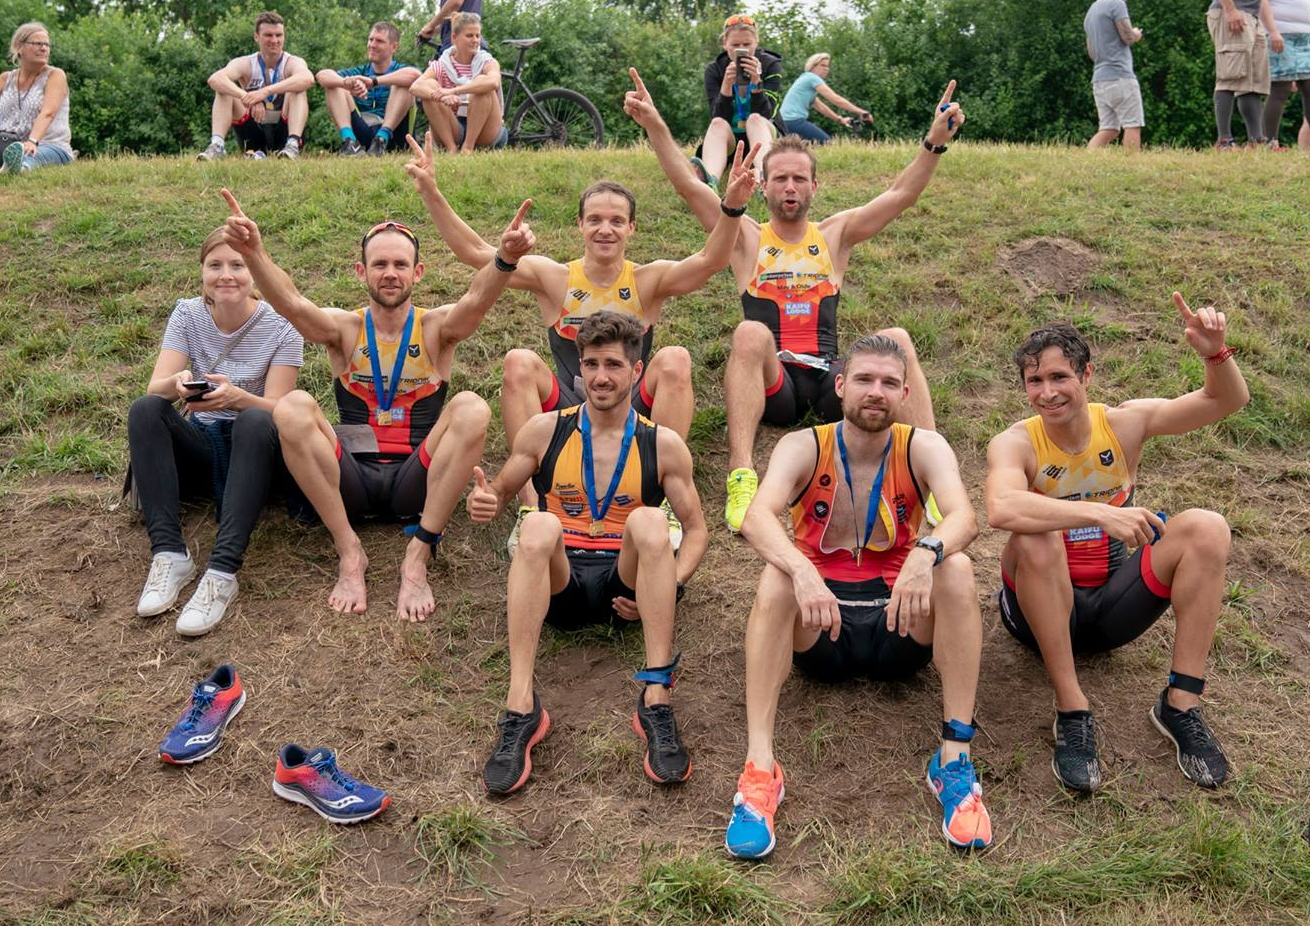 Zwei Rennen, Zweimal Aufs Podium: Erfolgreicher Saisonstart Der Landesliga-Männer